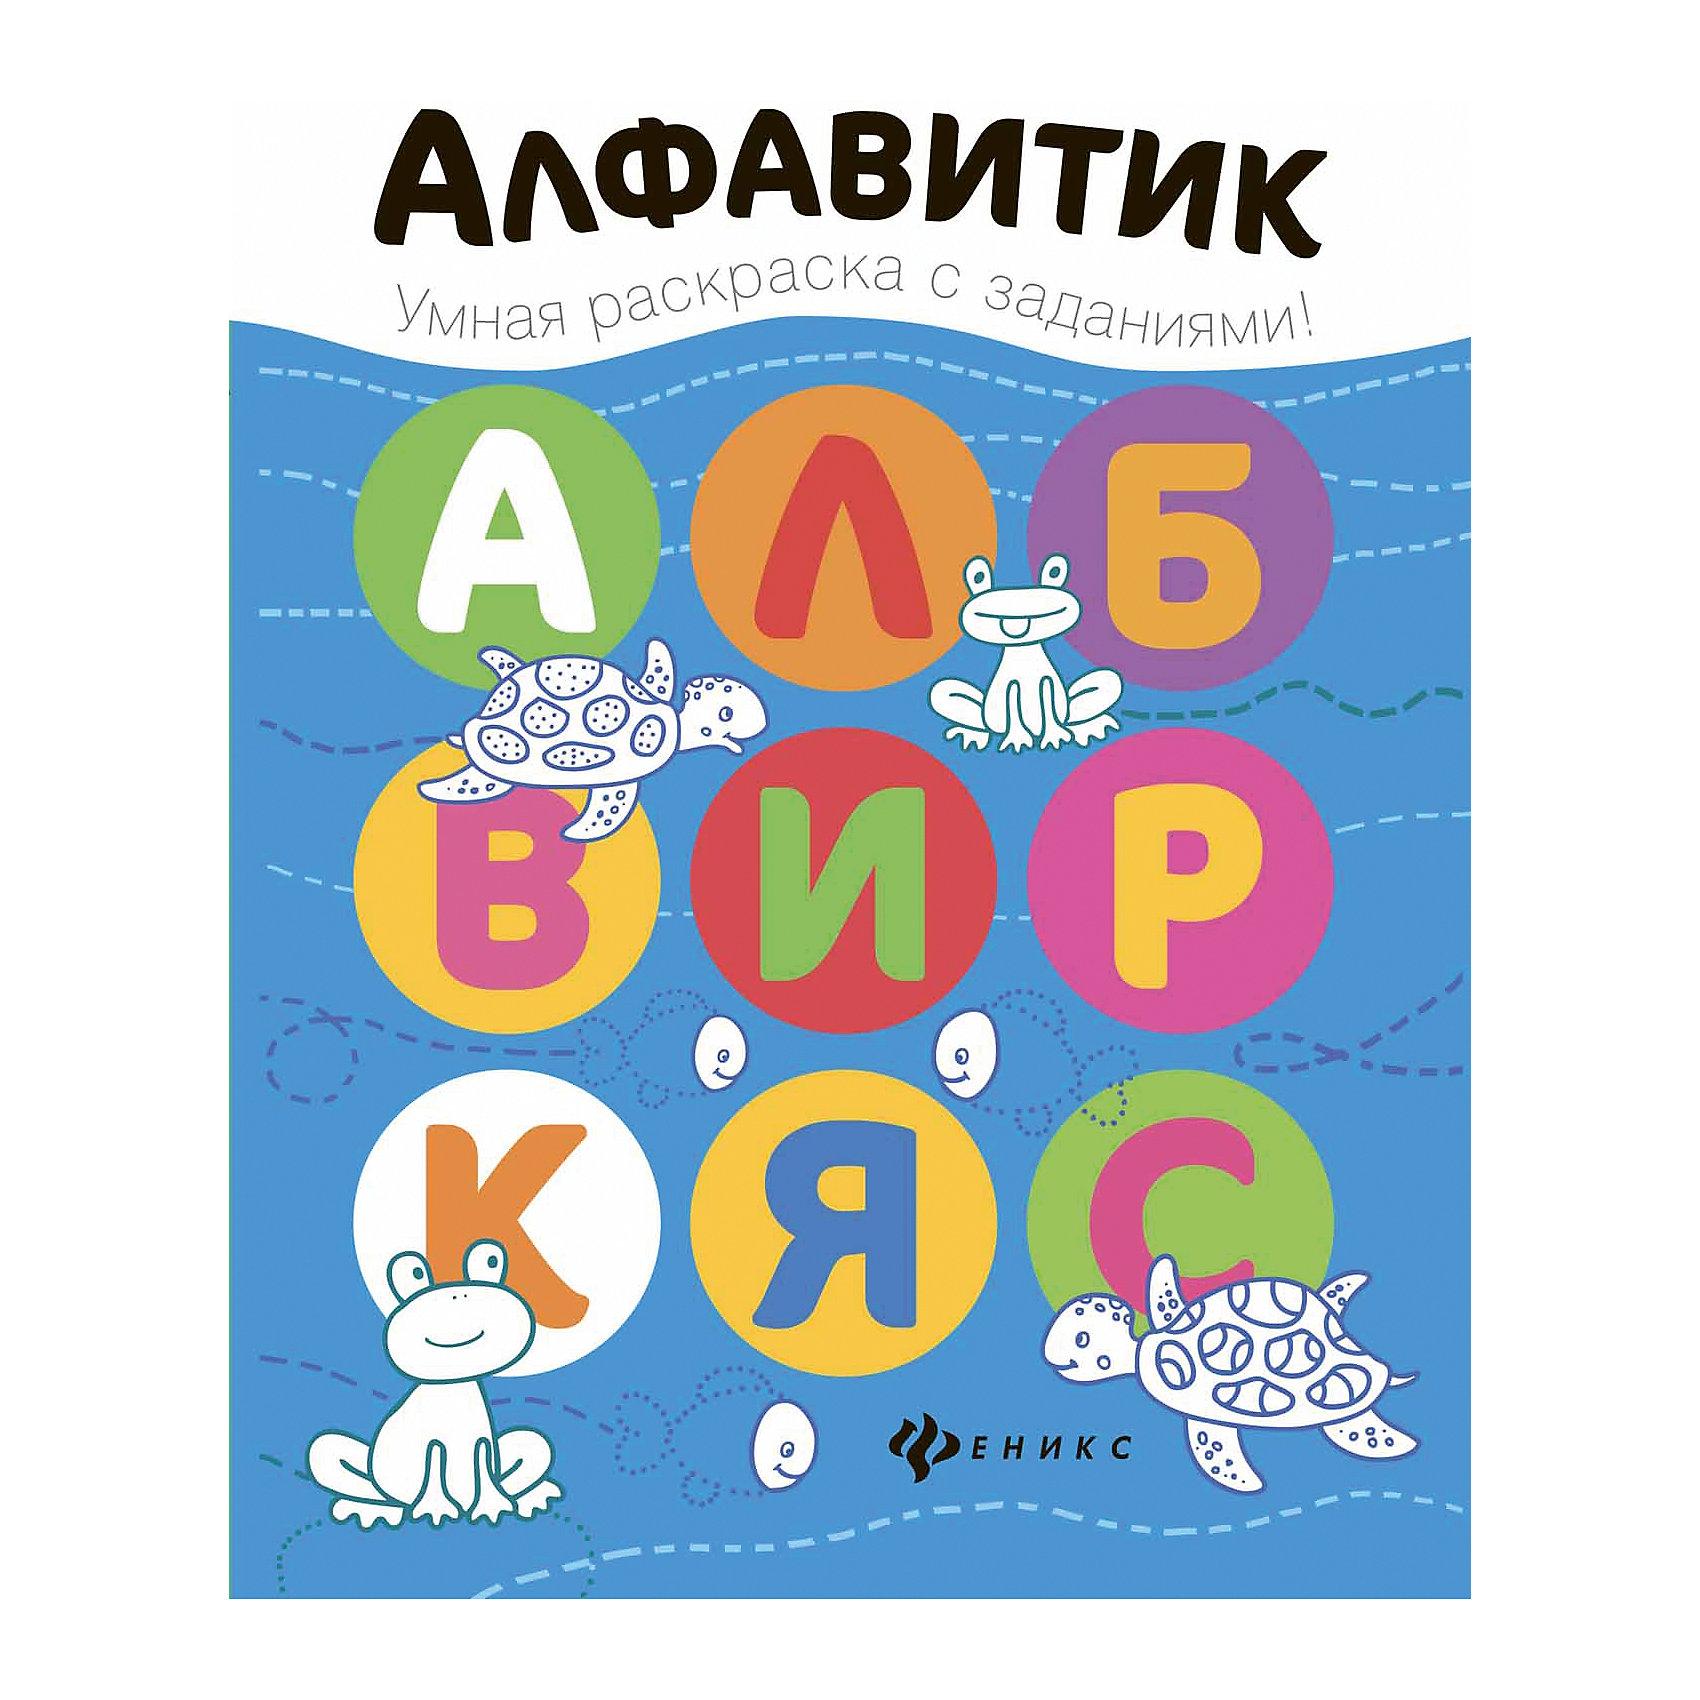 Книжка-раскраска АлфавитикРаскрашивая картинки и выполняя интересные задания на каждой страничке, малыш научится считать, познакомится с буквами алфавита и геометрическими фигурами.<br><br>Ширина мм: 200<br>Глубина мм: 199<br>Высота мм: 260<br>Вес г: 488<br>Возраст от месяцев: 36<br>Возраст до месяцев: 2147483647<br>Пол: Унисекс<br>Возраст: Детский<br>SKU: 5518119